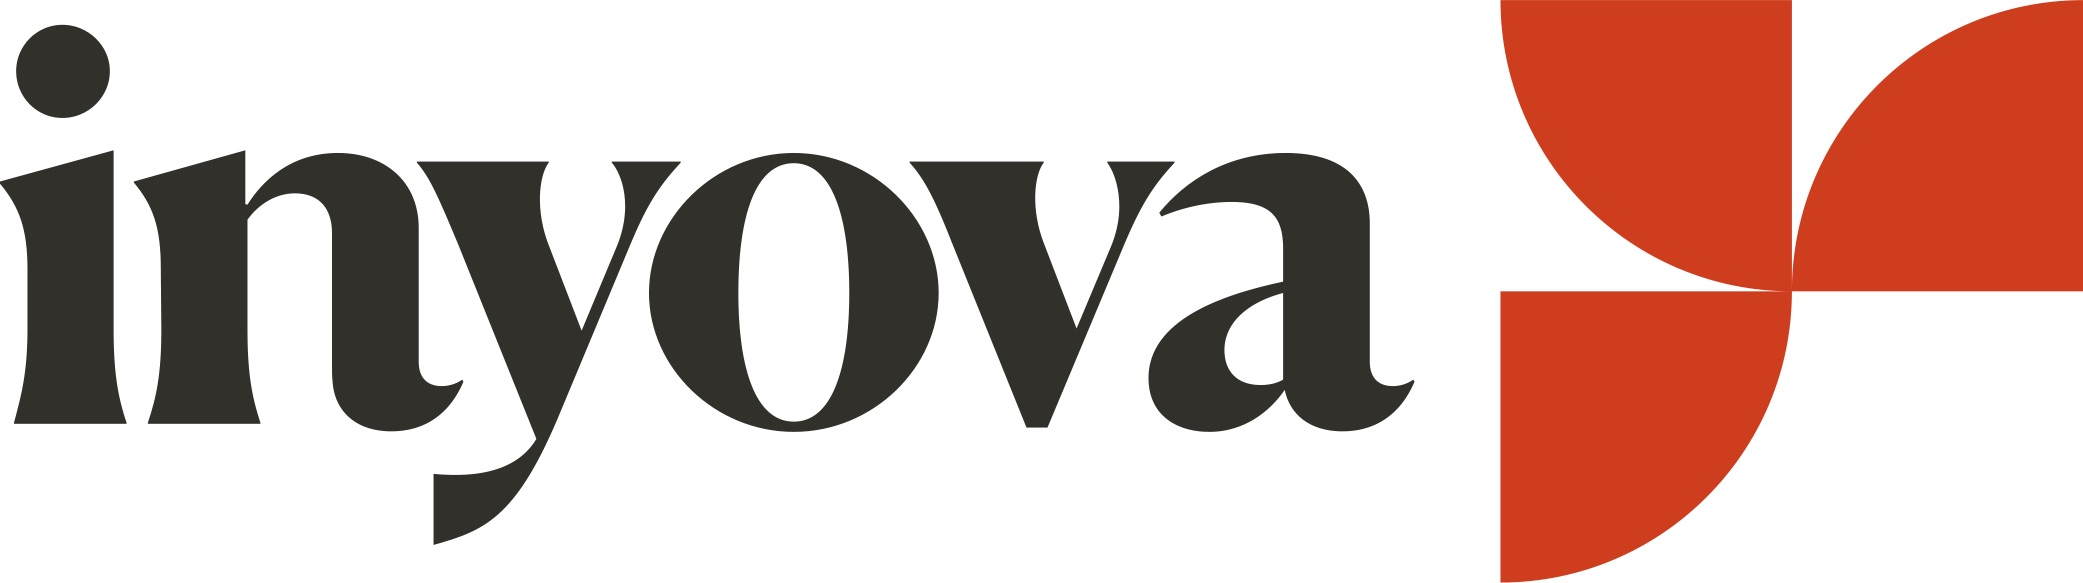 Inyova erleichtert ab sofort den Einstieg ins Impact Investing